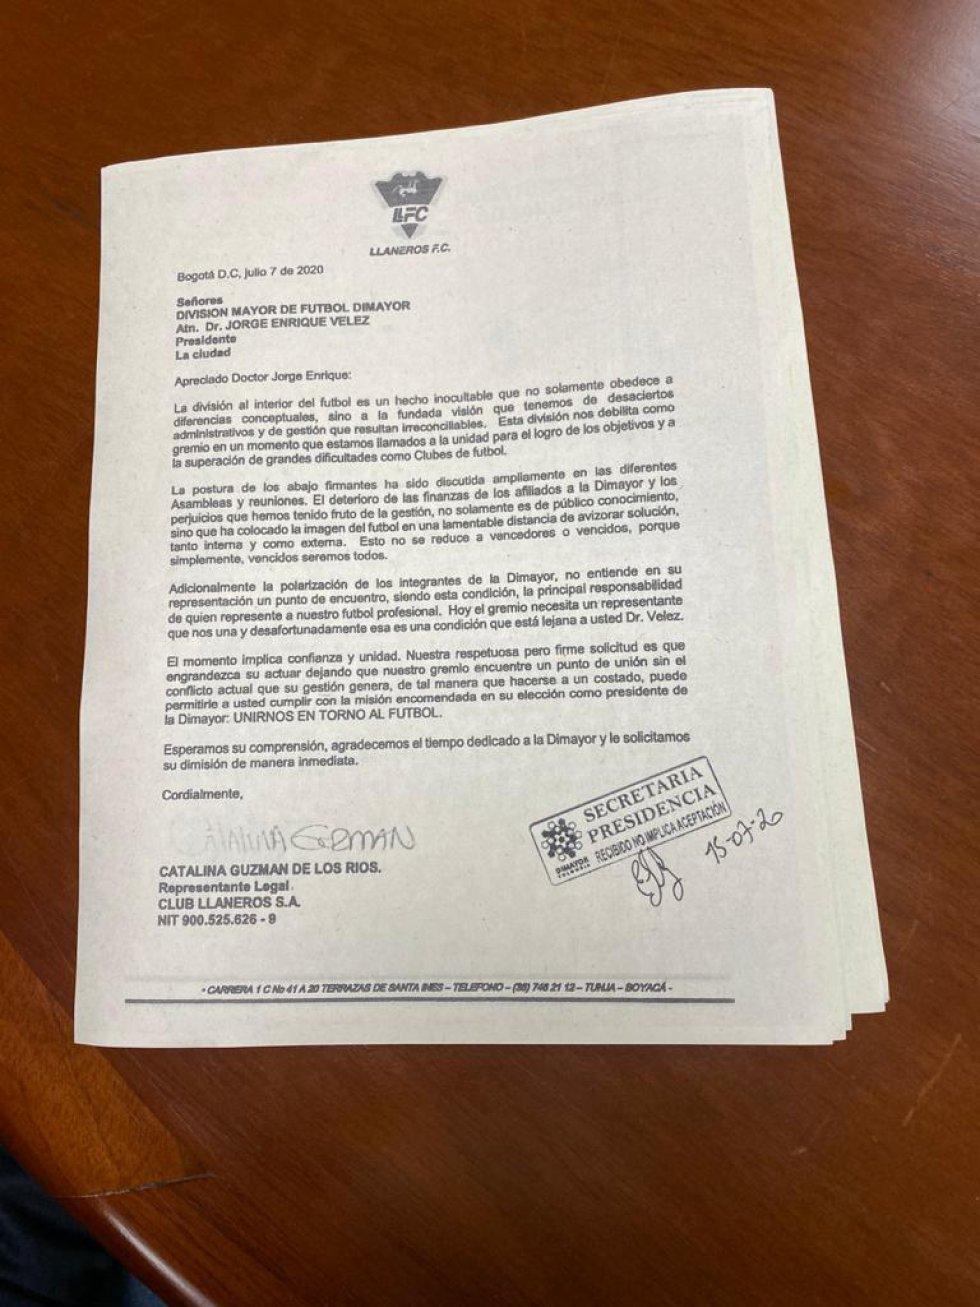 Dimayor renovación: Las cartas que buscarán una renovación en el fútbol colombiano